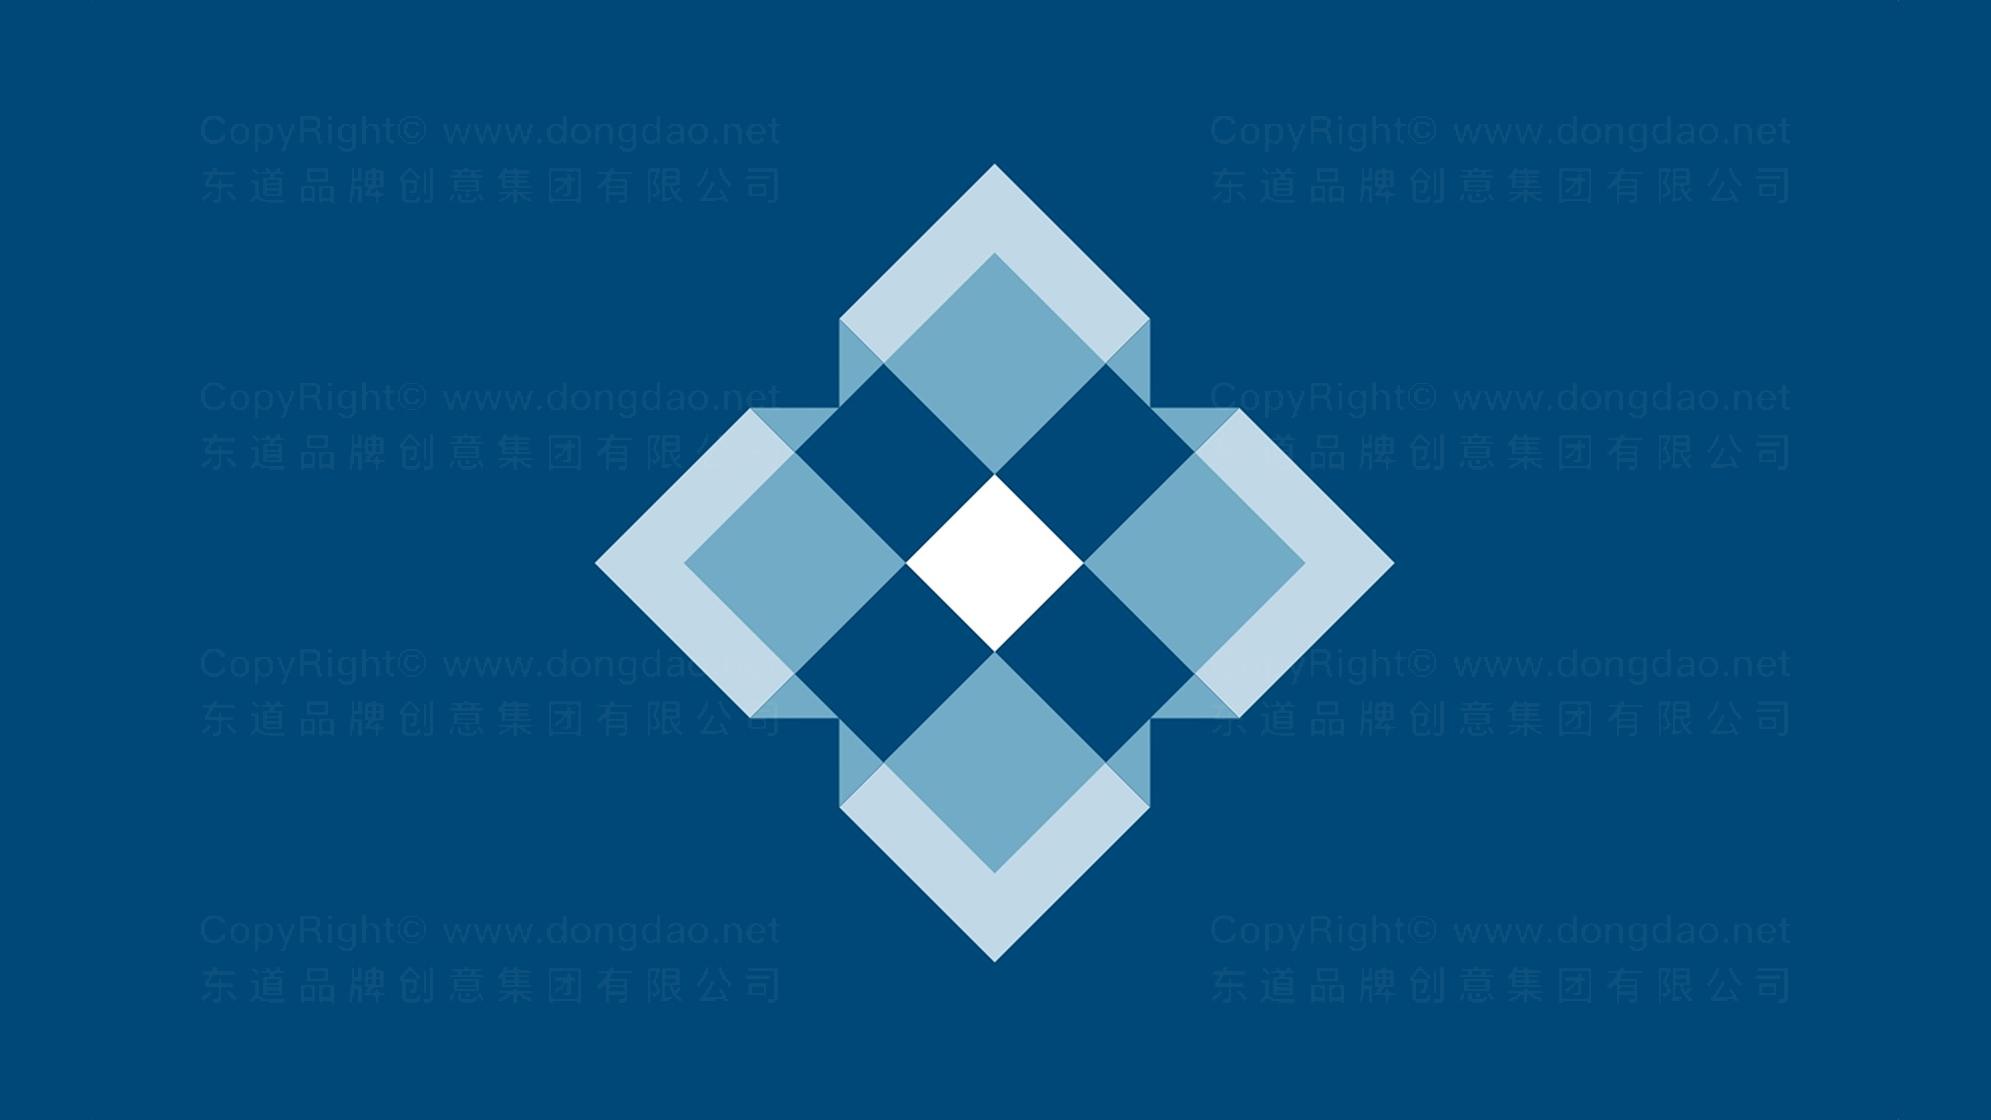 政府组织品牌设计武汉城市规划研究院LOGO&VI设计